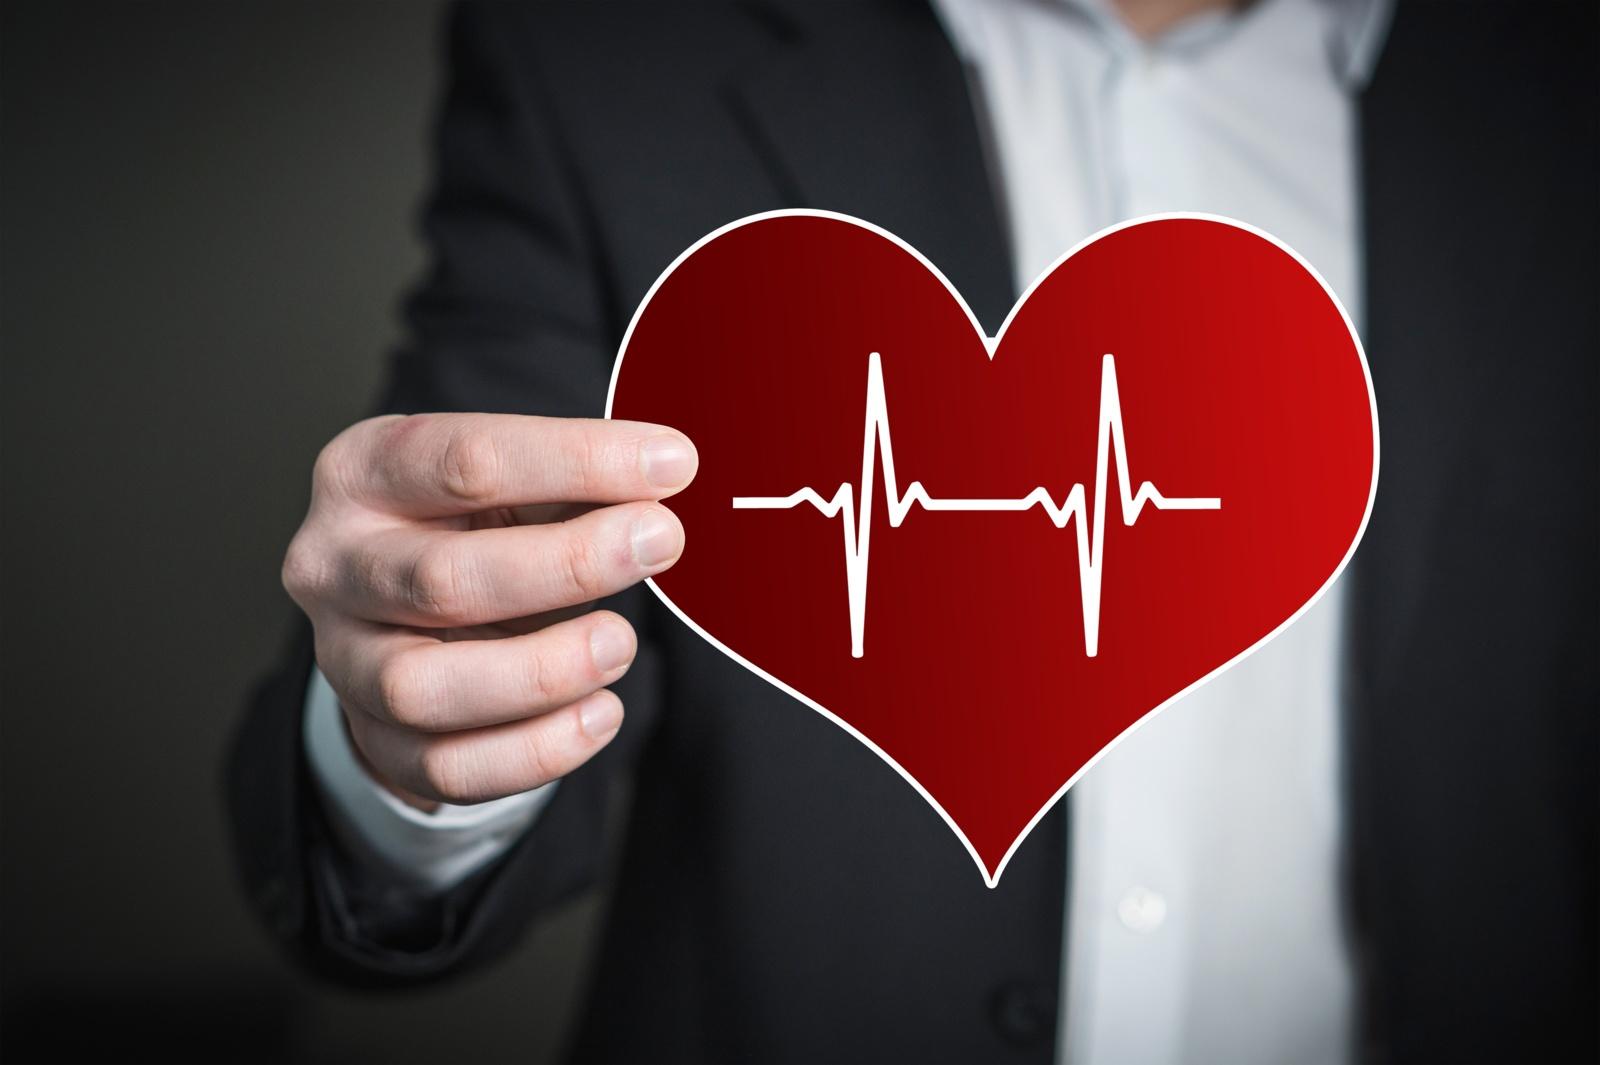 hipertenzija greitas spaudimas vaistai nuo hipertenzijos su raide c